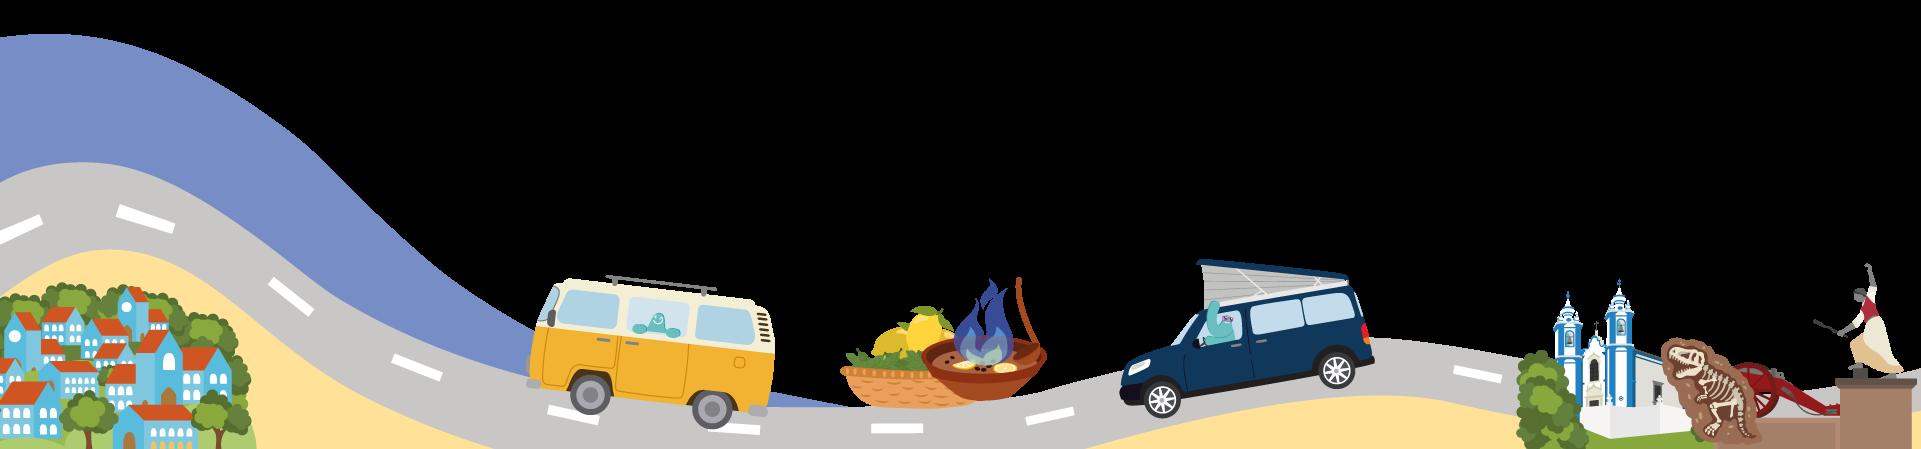 Ilustración carretera y caravanas